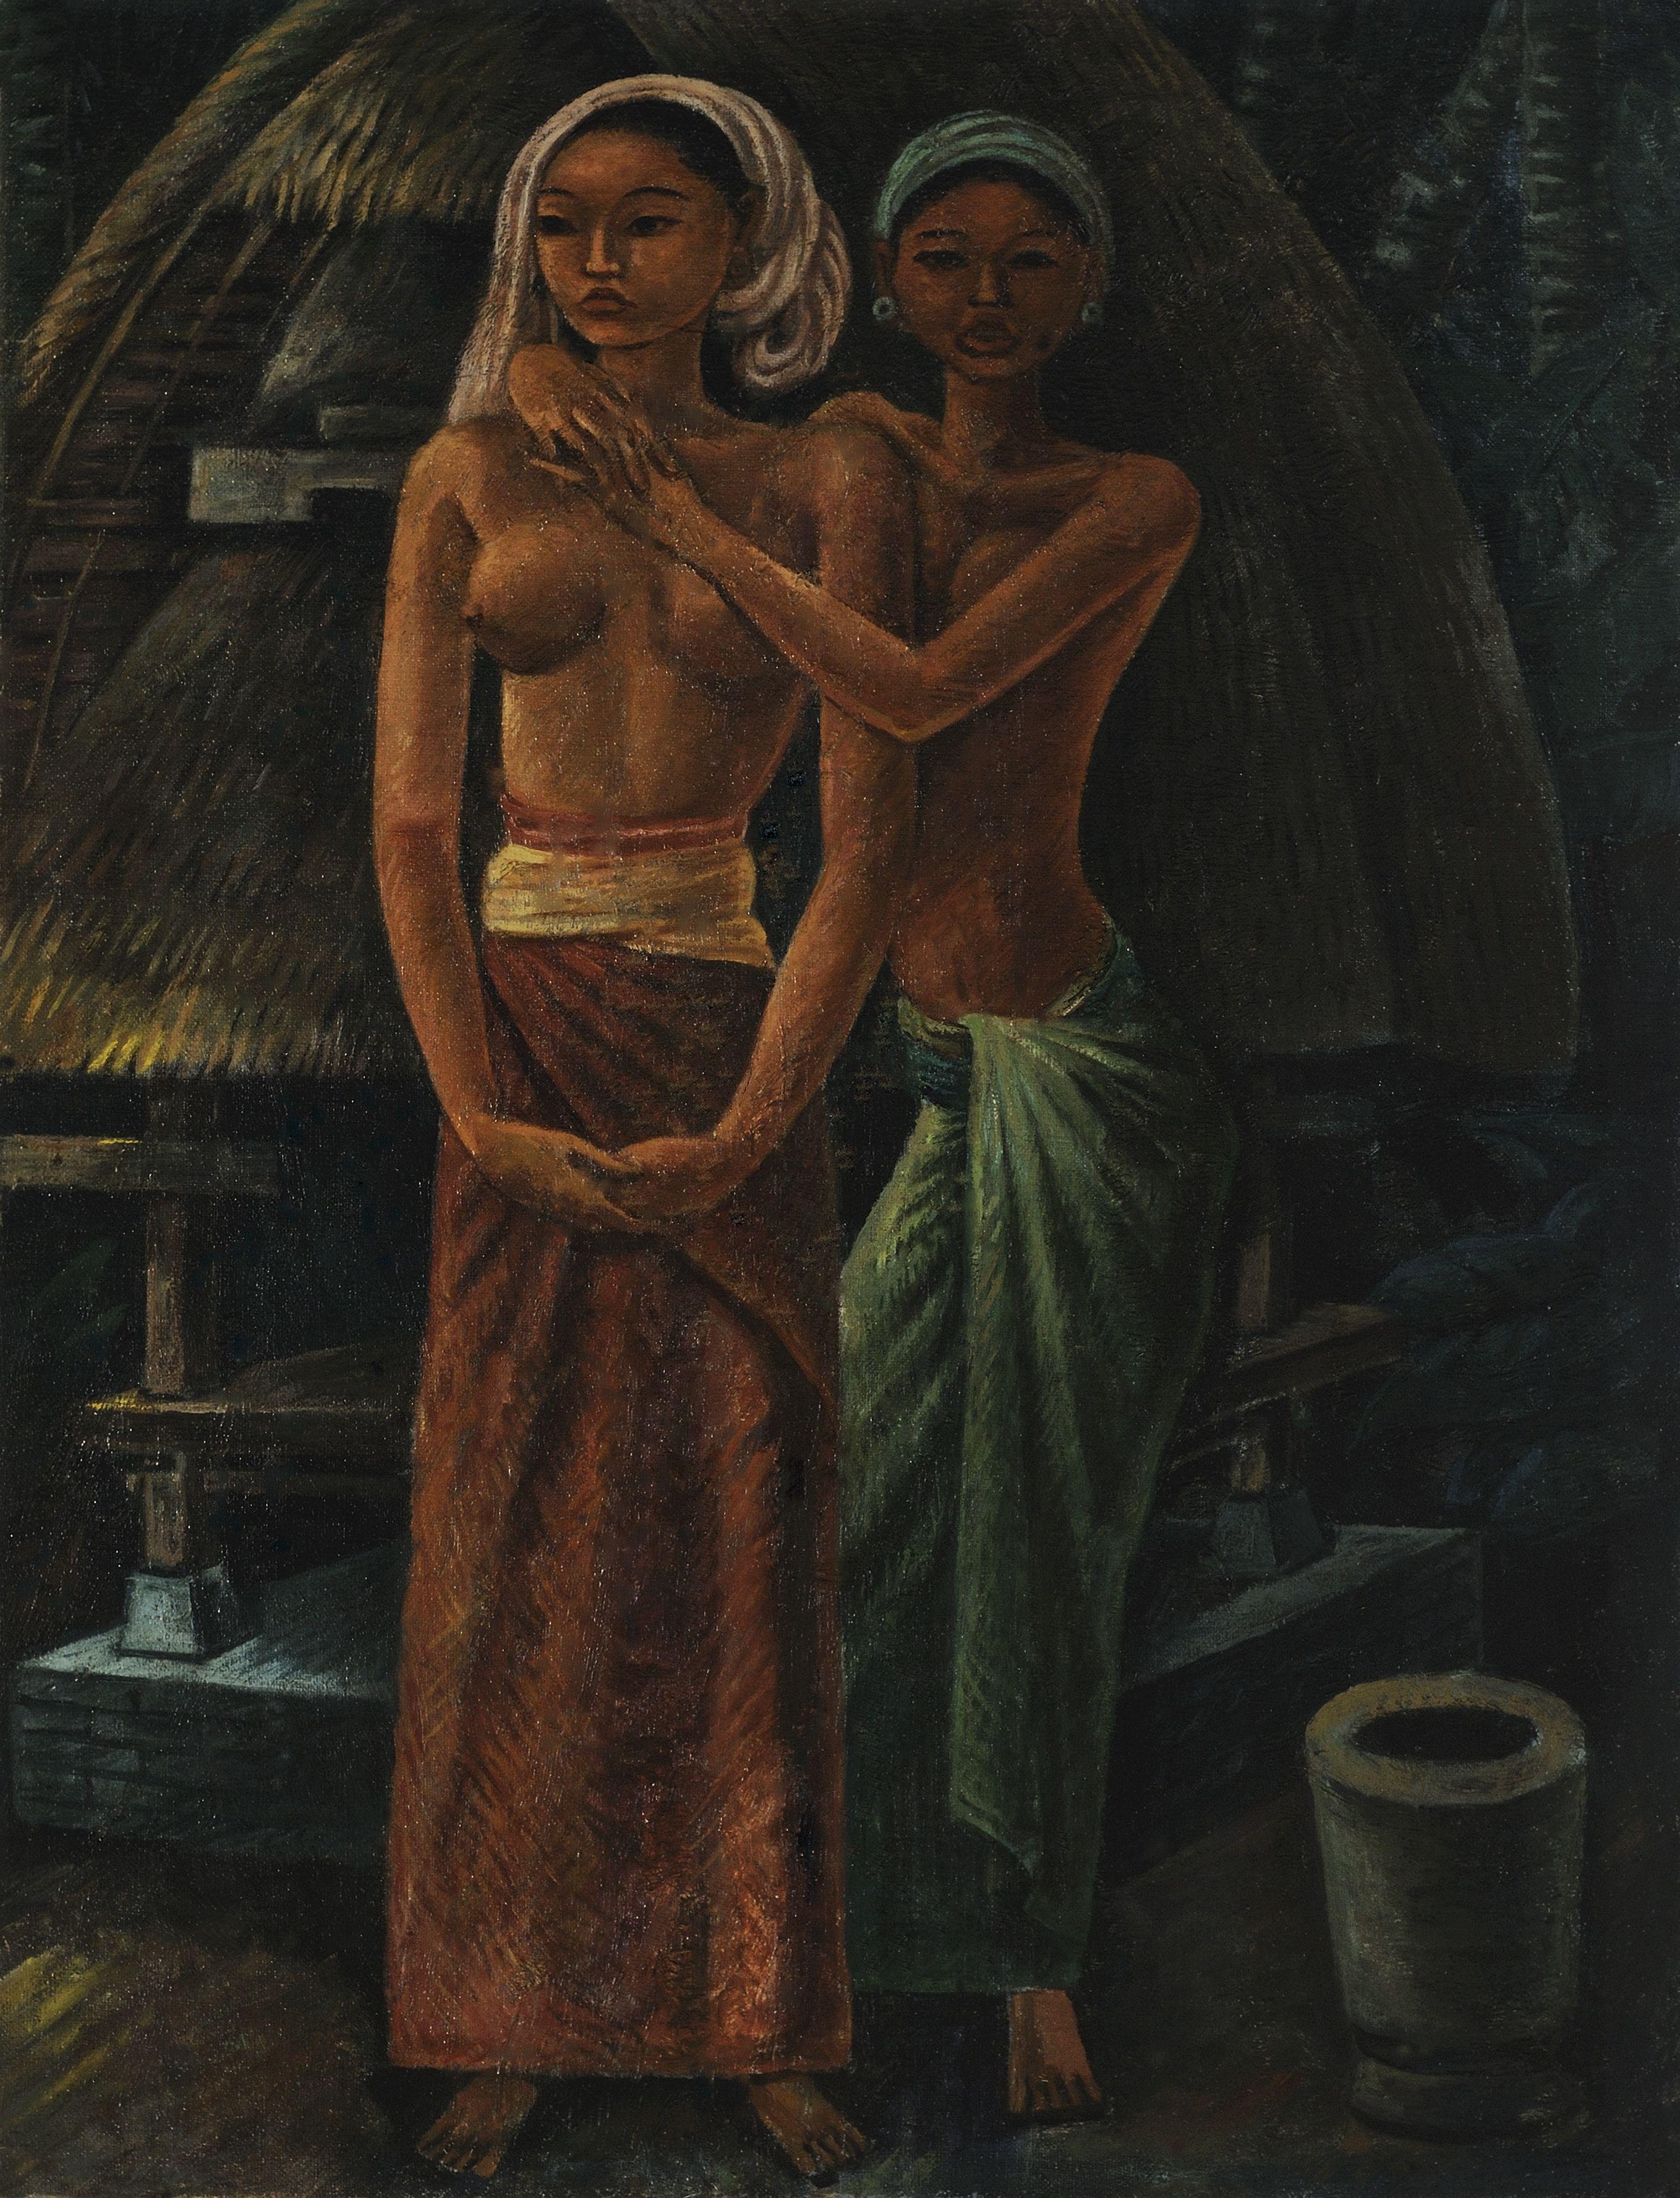 Geschiedenis & cultuur